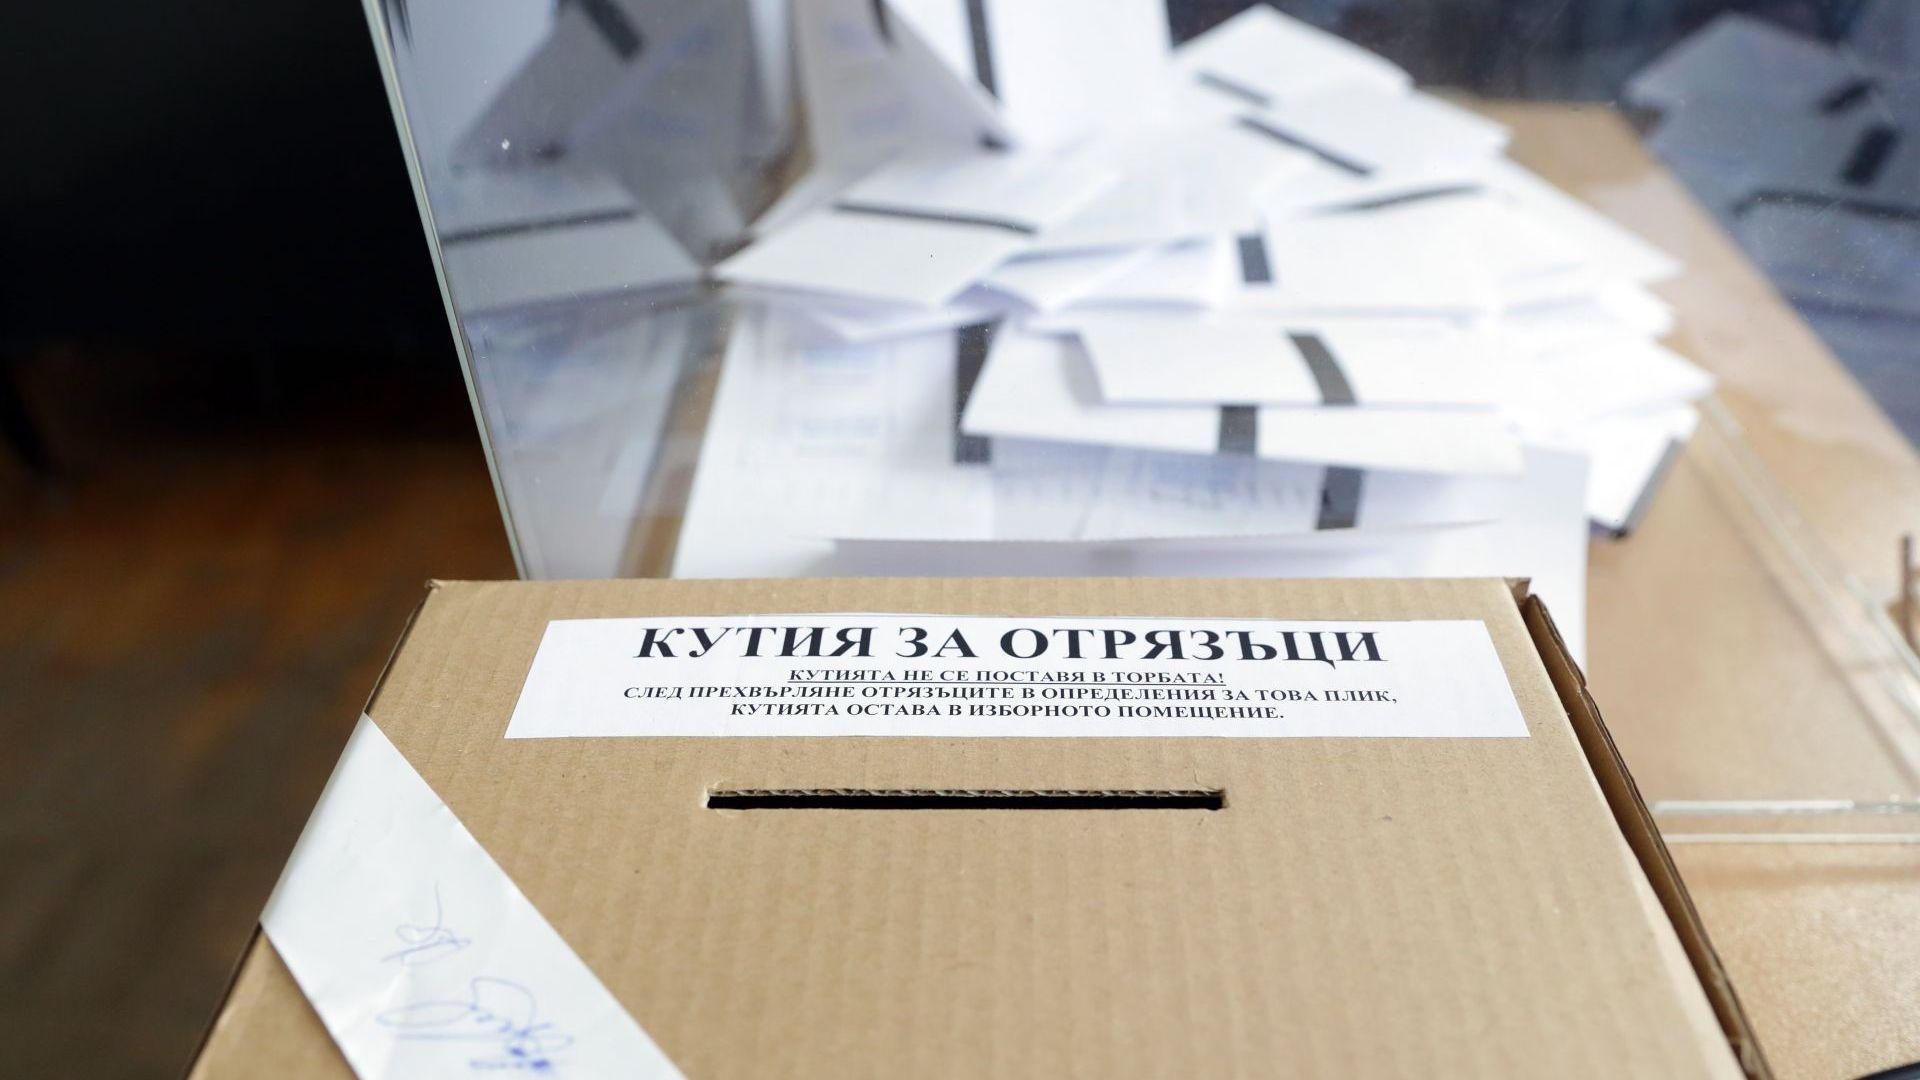 Антоний Гълъбов: Няма десен, който да подкрепя бягството от институцията на омбудсмана